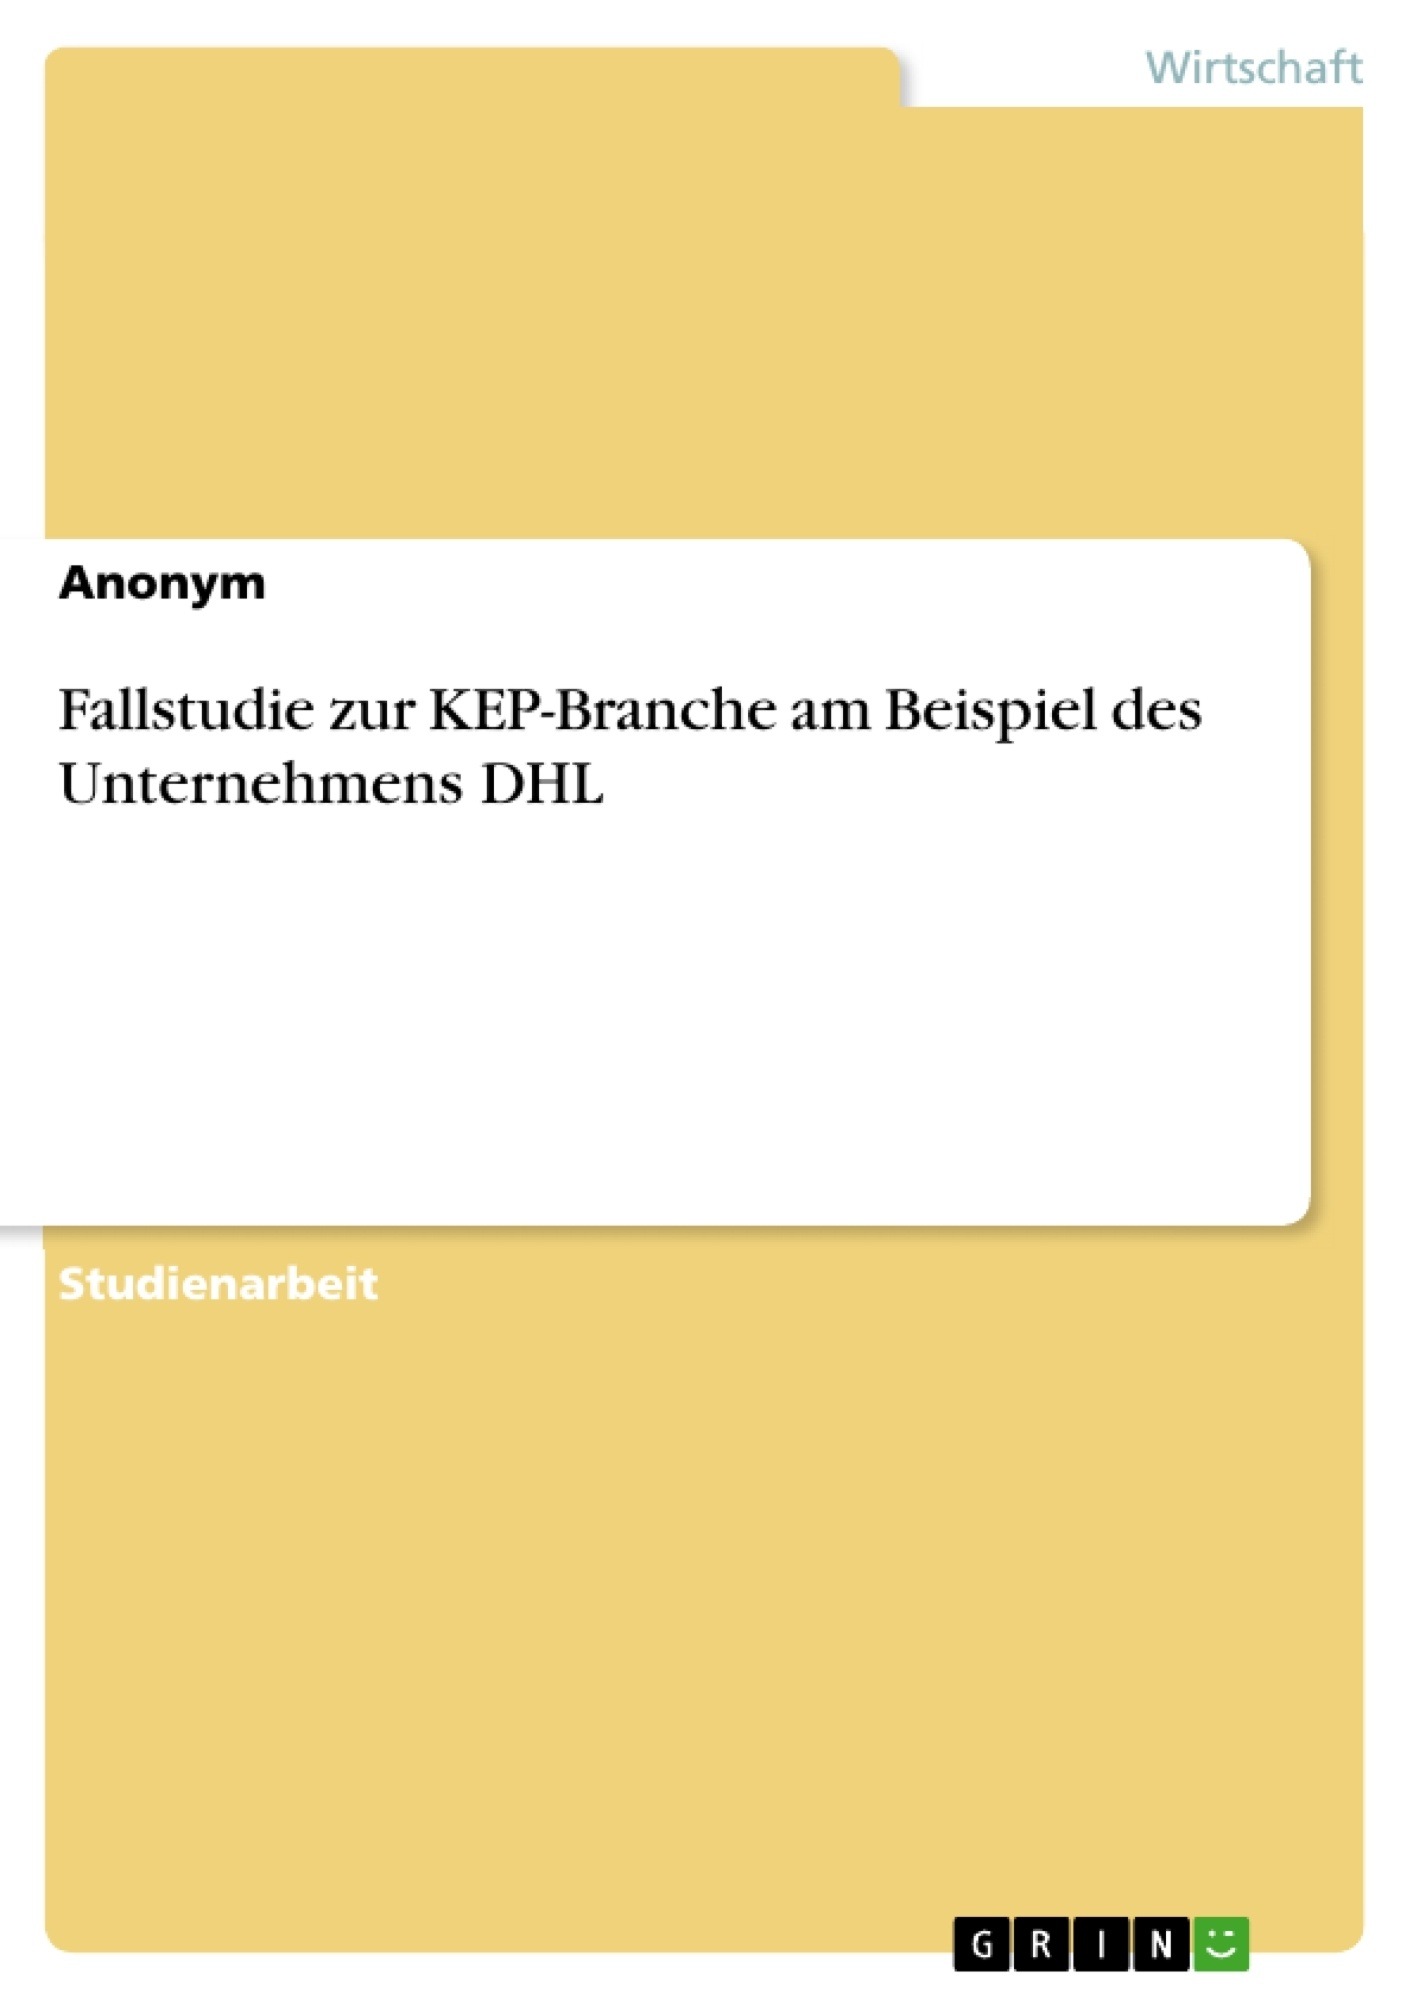 Titel: Fallstudie zur KEP-Branche am Beispiel des Unternehmens DHL